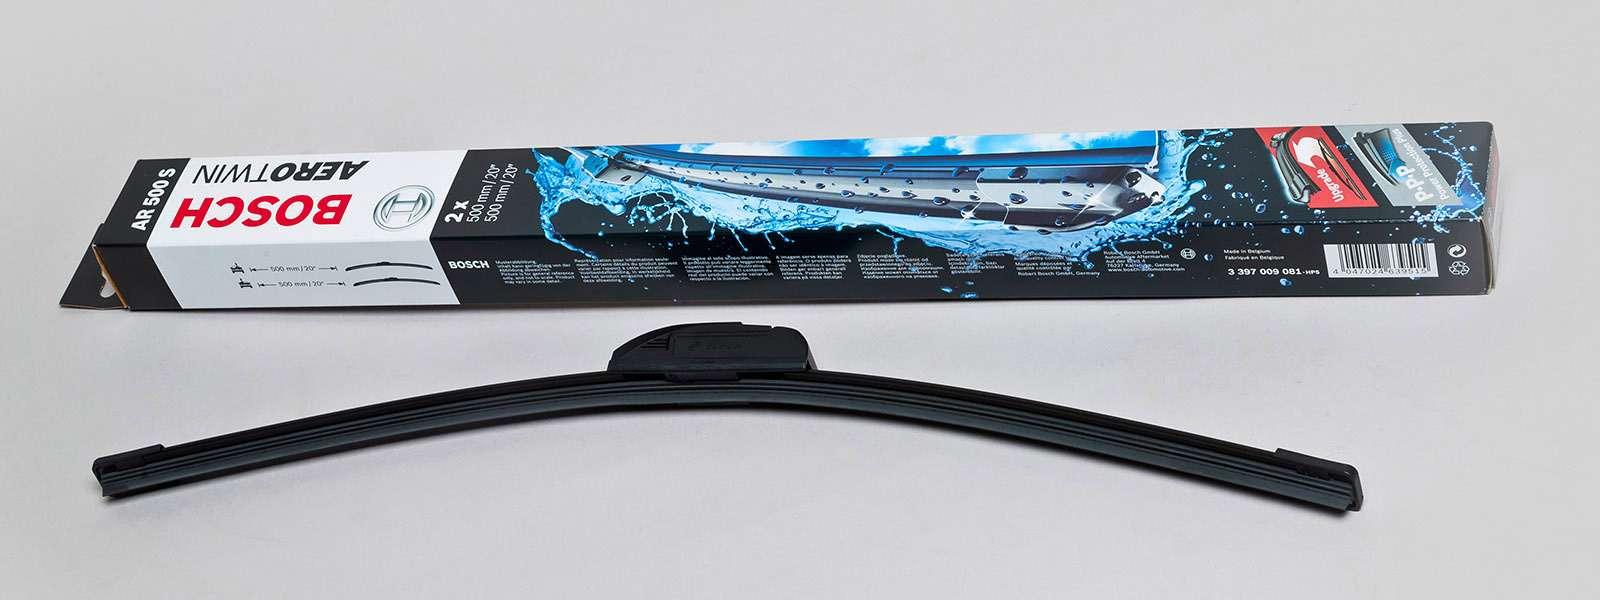 Цена прозрения: эксперты ЗРвыбирают щетки стеклоочистителей— фото 678234